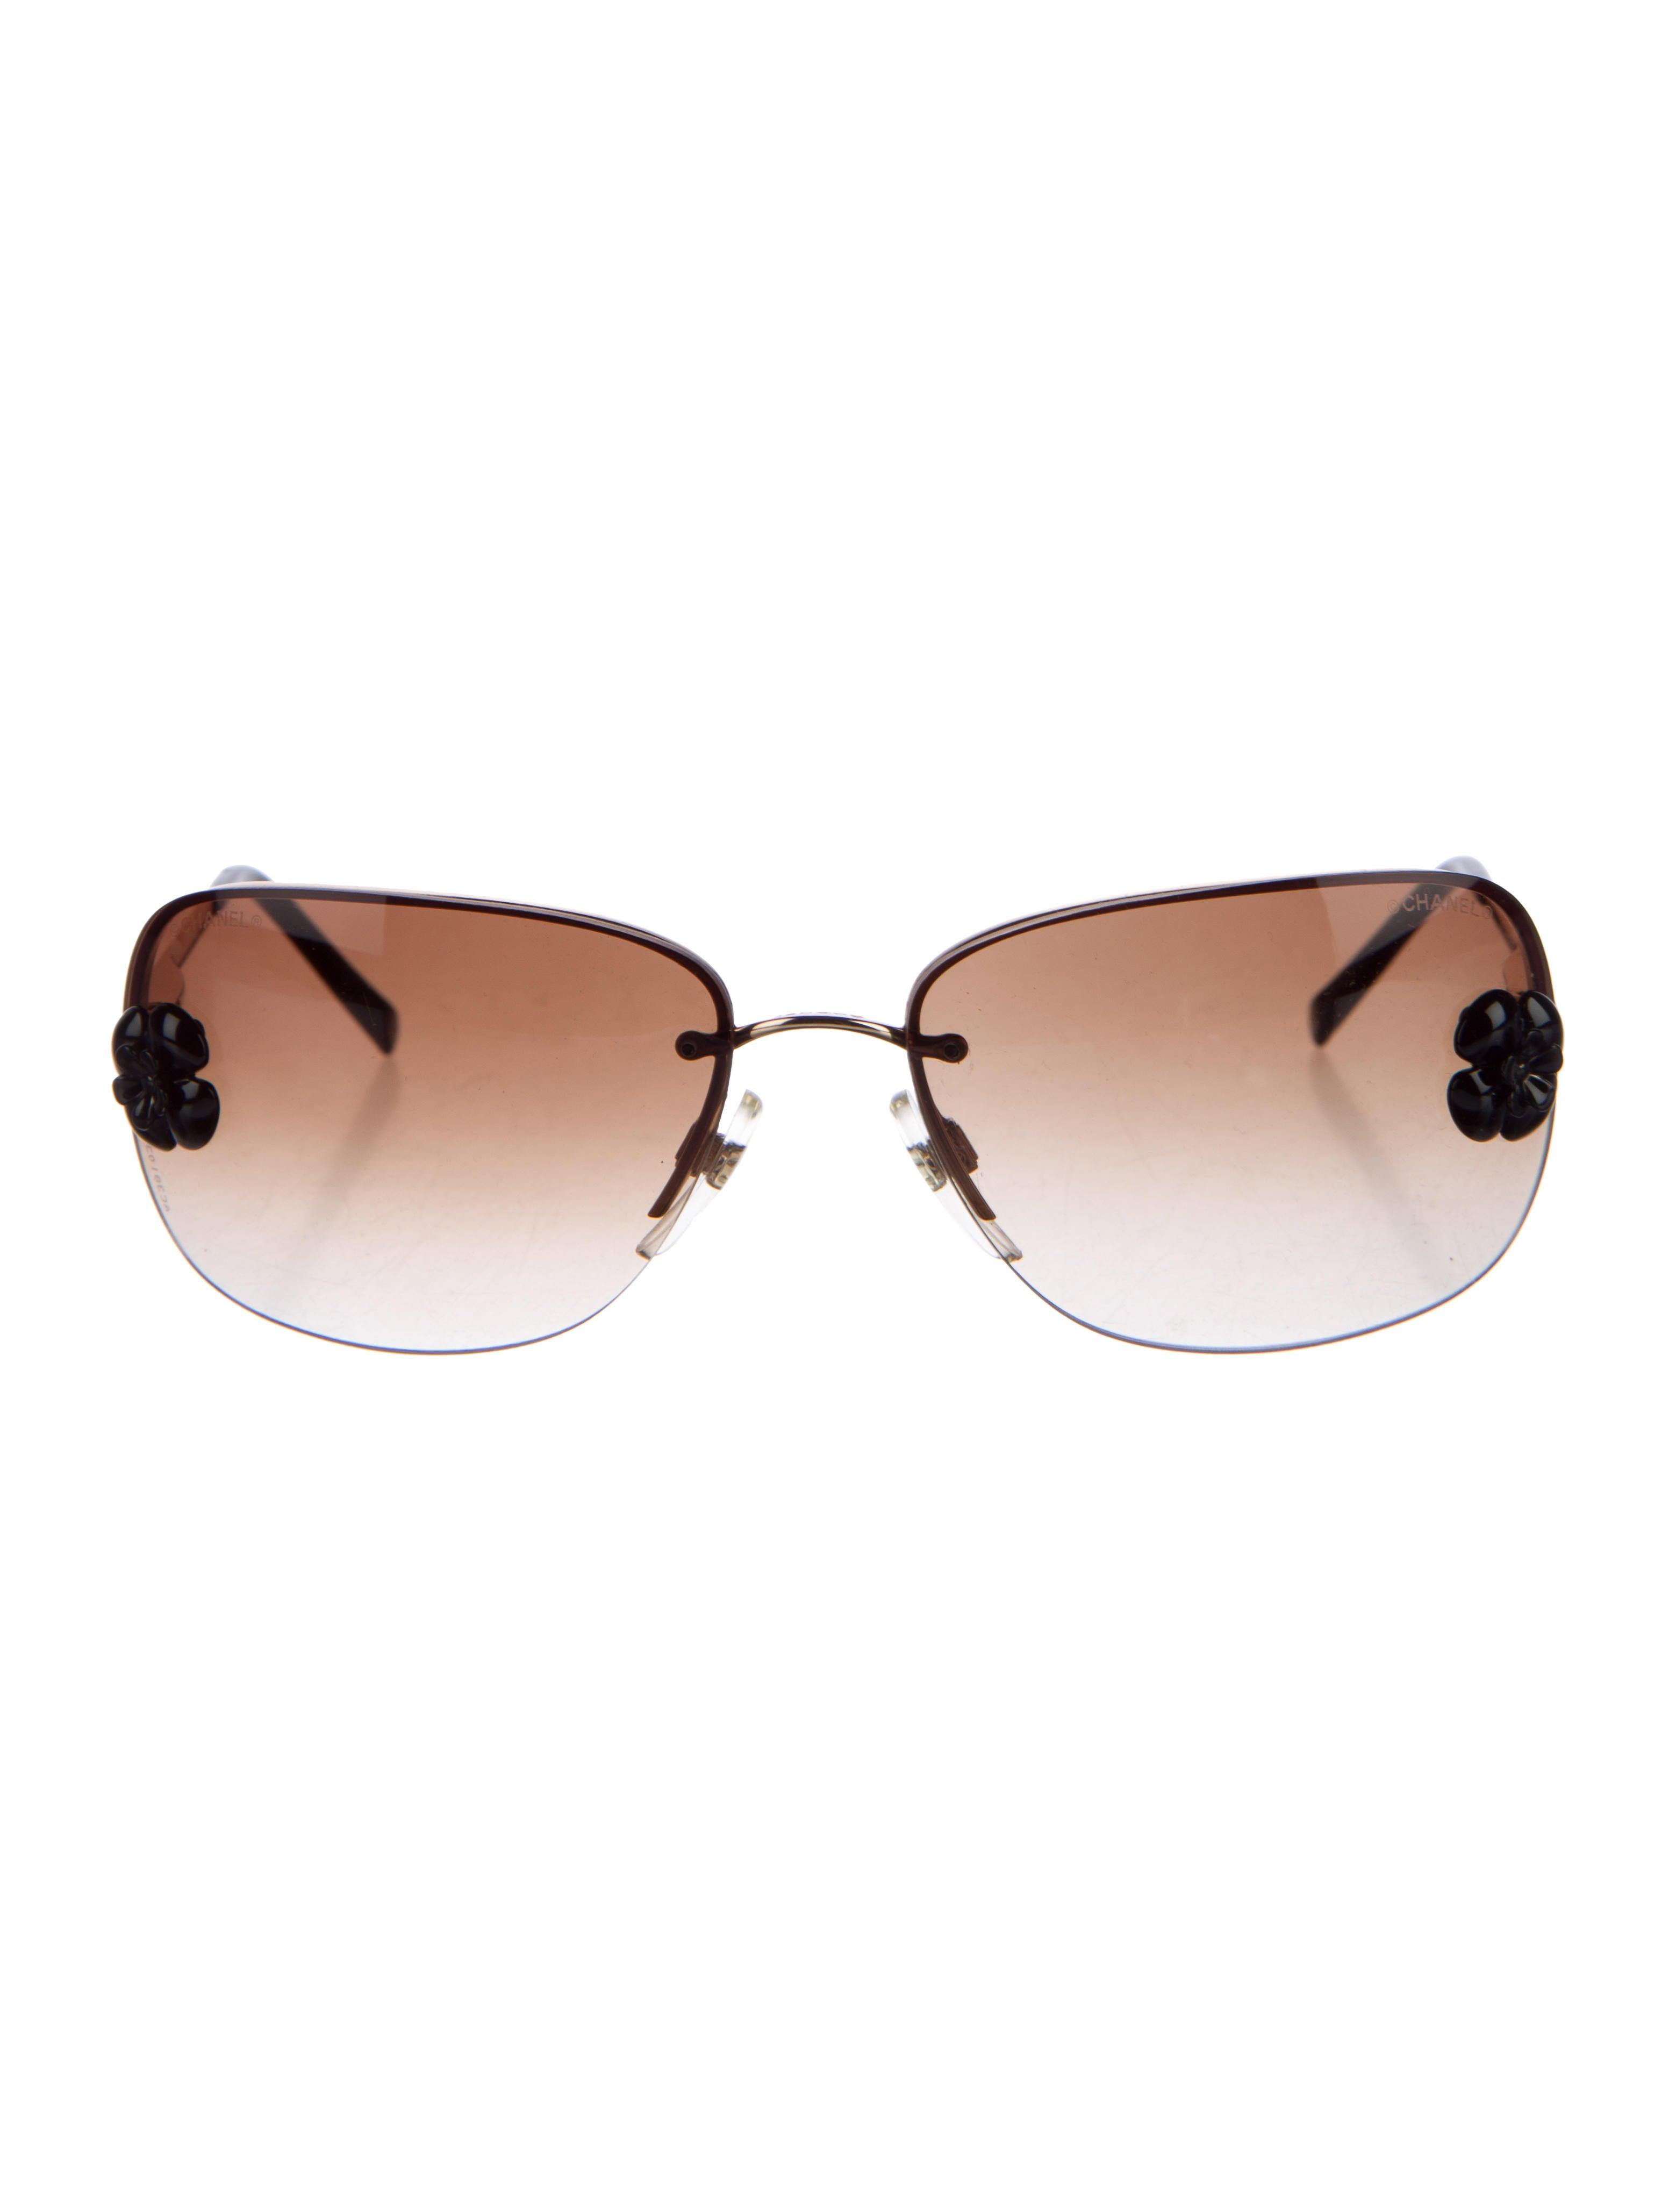 Rimless Chanel Glasses : Chanel Rimless Camellia Sunglasses - Accessories ...